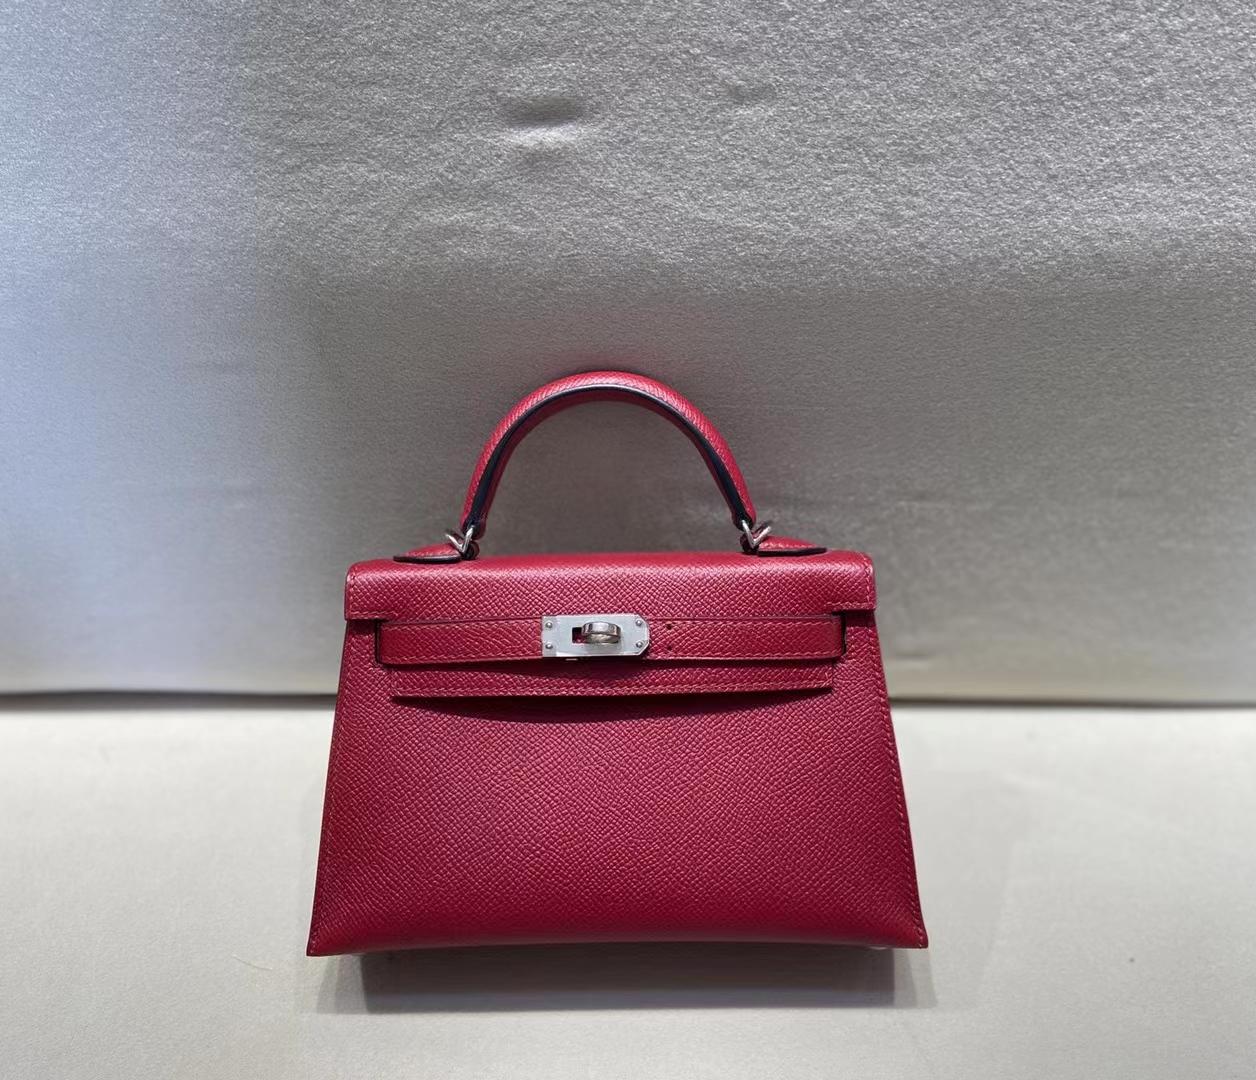 Hermès(爱马仕)miniKelly 二代 epsom 宝石红 银扣 顶级品质 现货